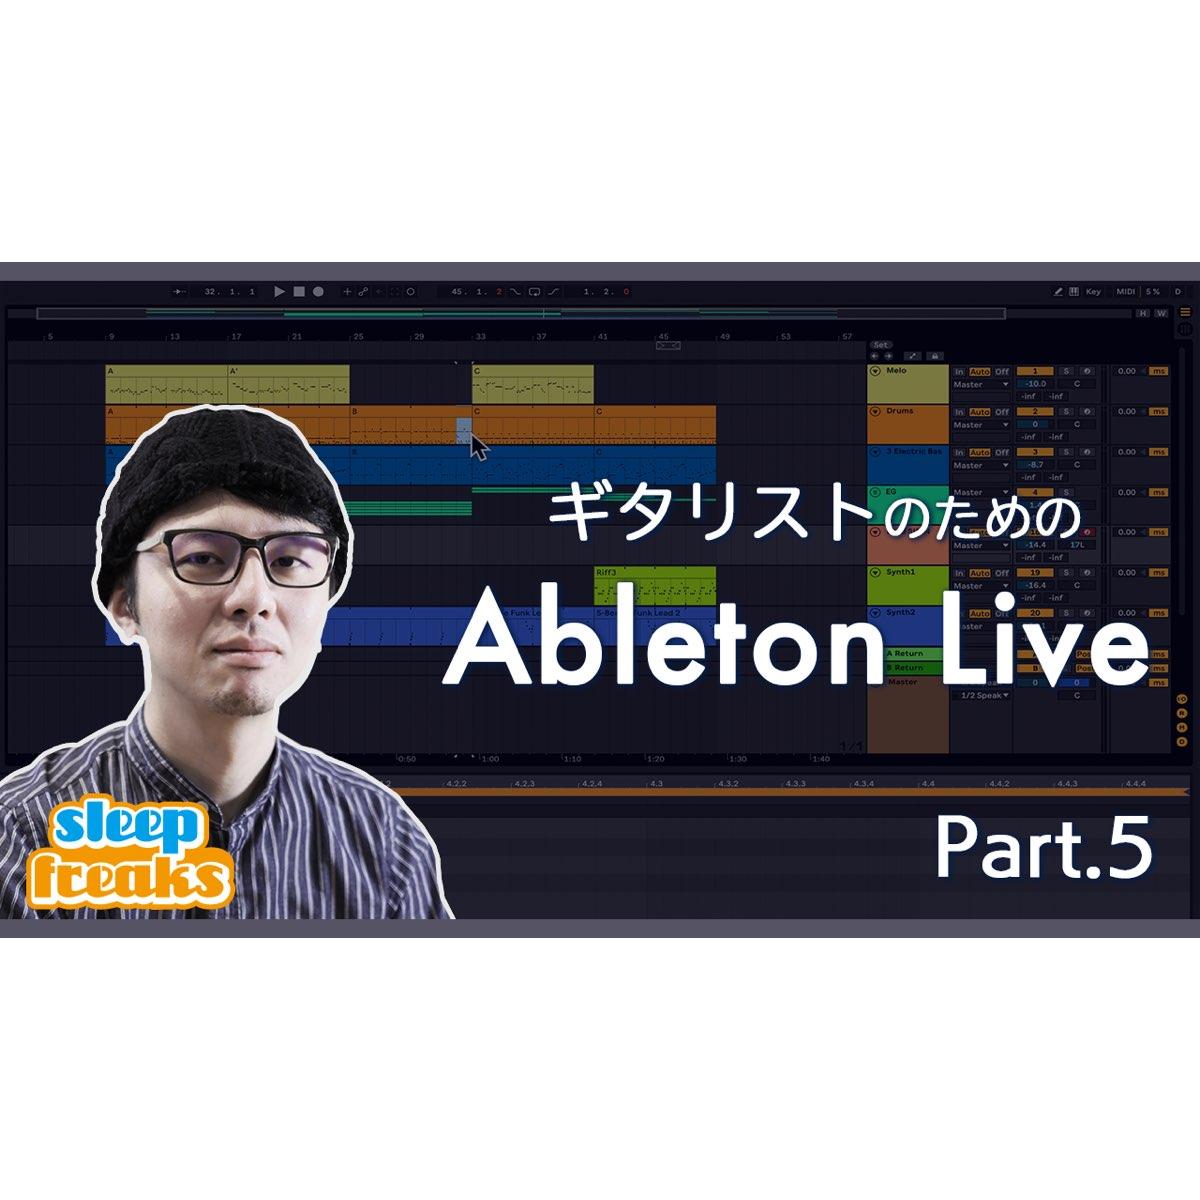 【ギタリストのためのAbleton Live】#5 セッションビューを活用した楽曲構築方法